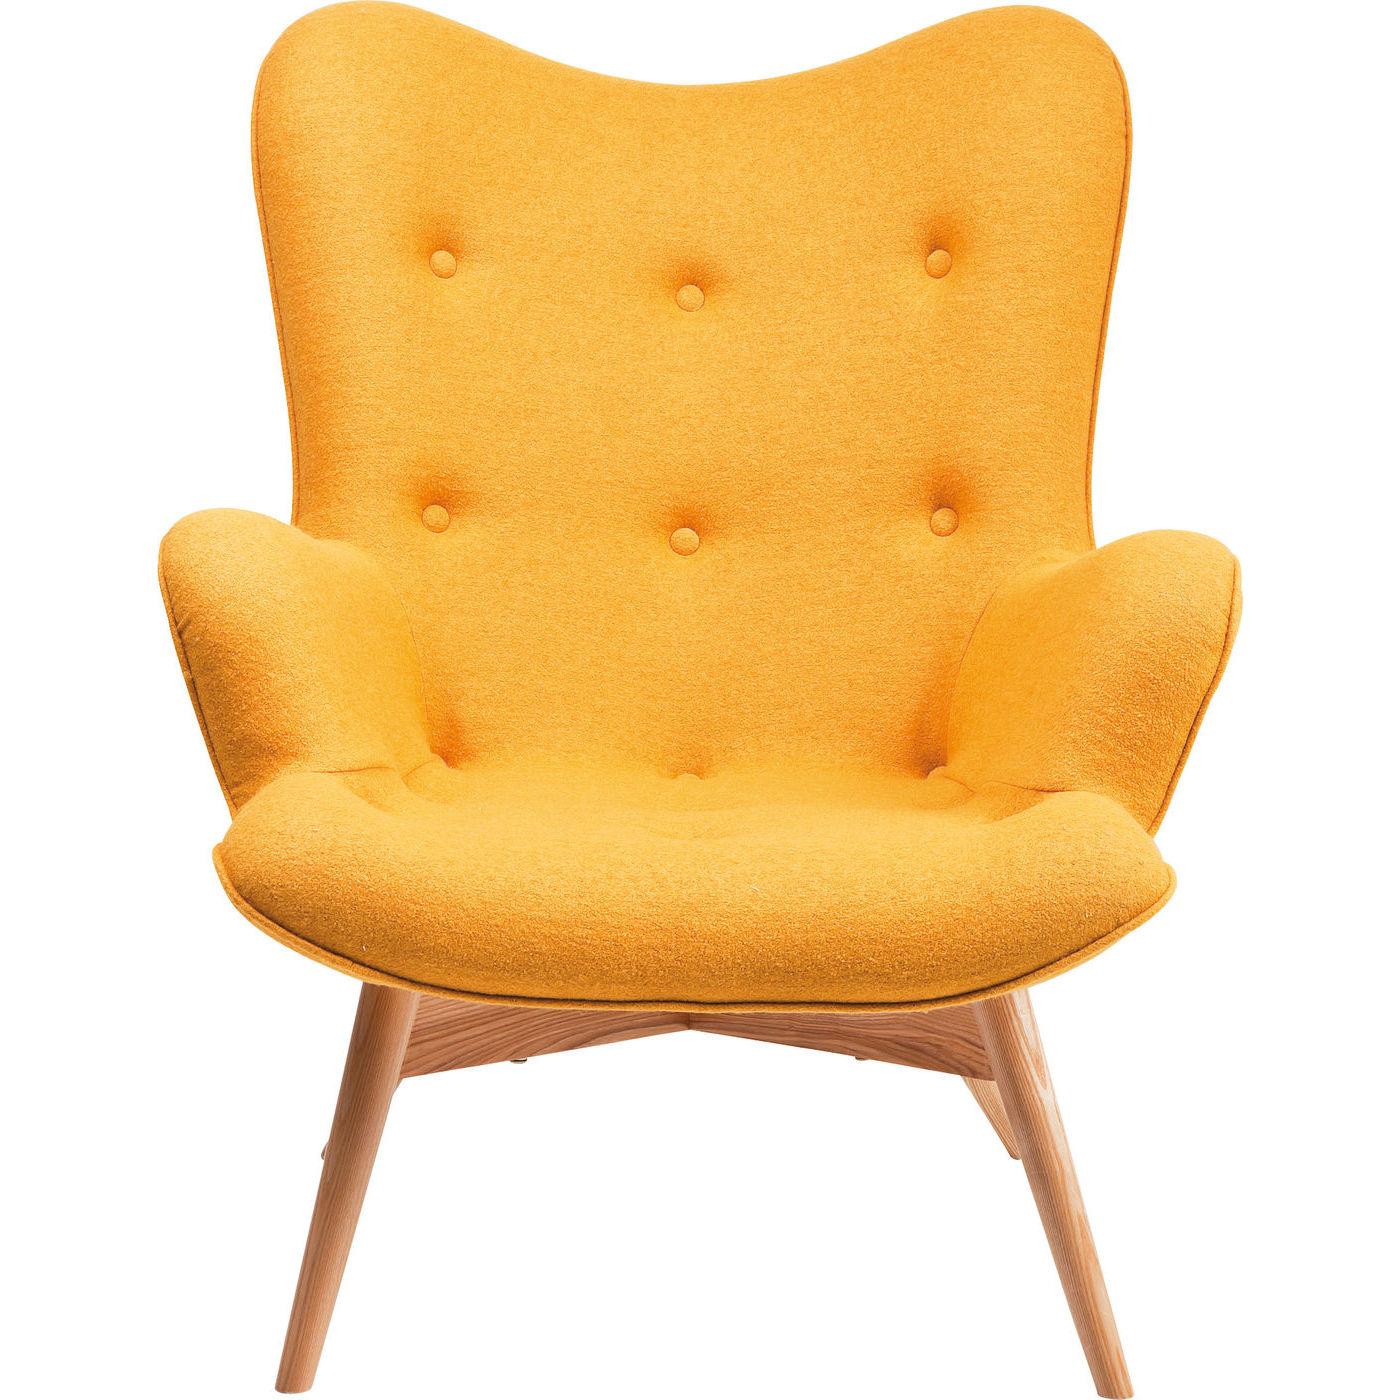 Billede af Kare Design Hvilestol m. Armlæn, Angels s Yellow New Desi